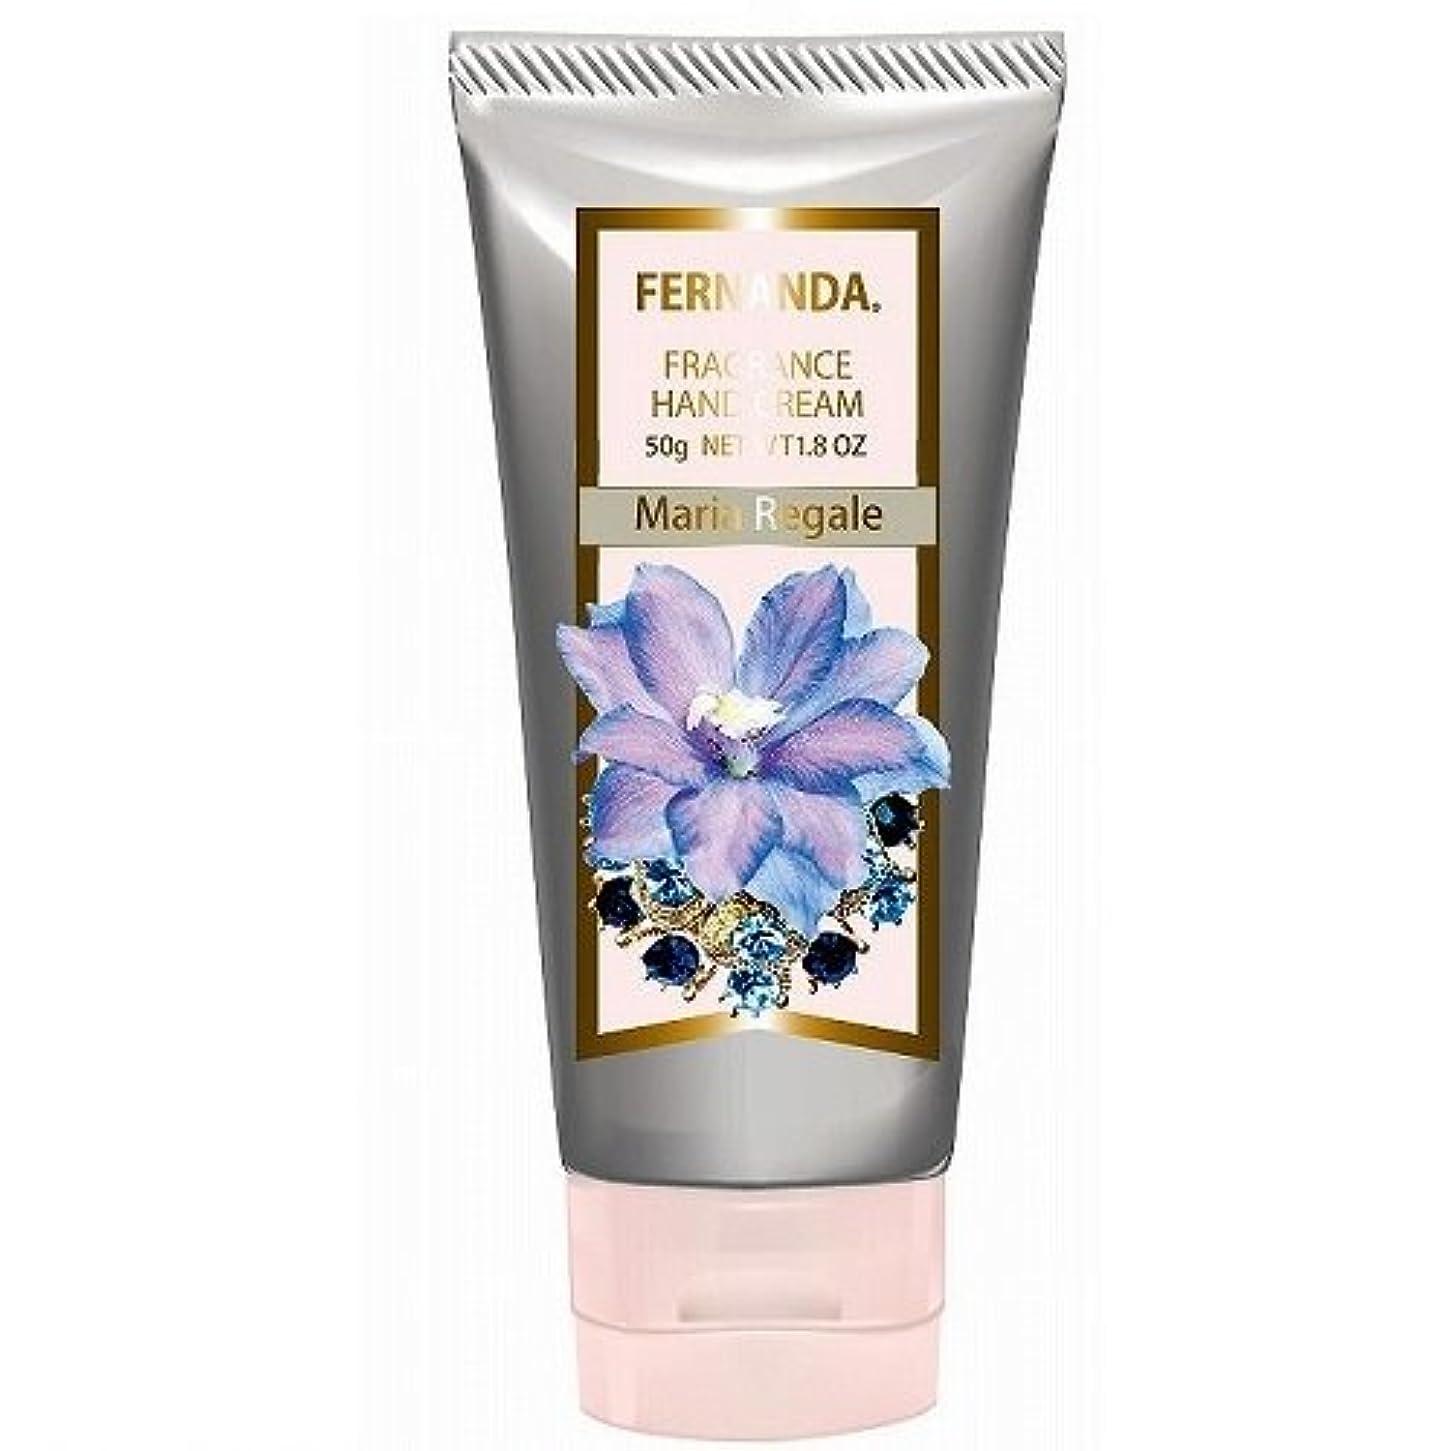 プレート収容する影響FERNANDA(フェルナンダ) Hand Cream Maria Regale (ハンド クリーム マリアリゲル)